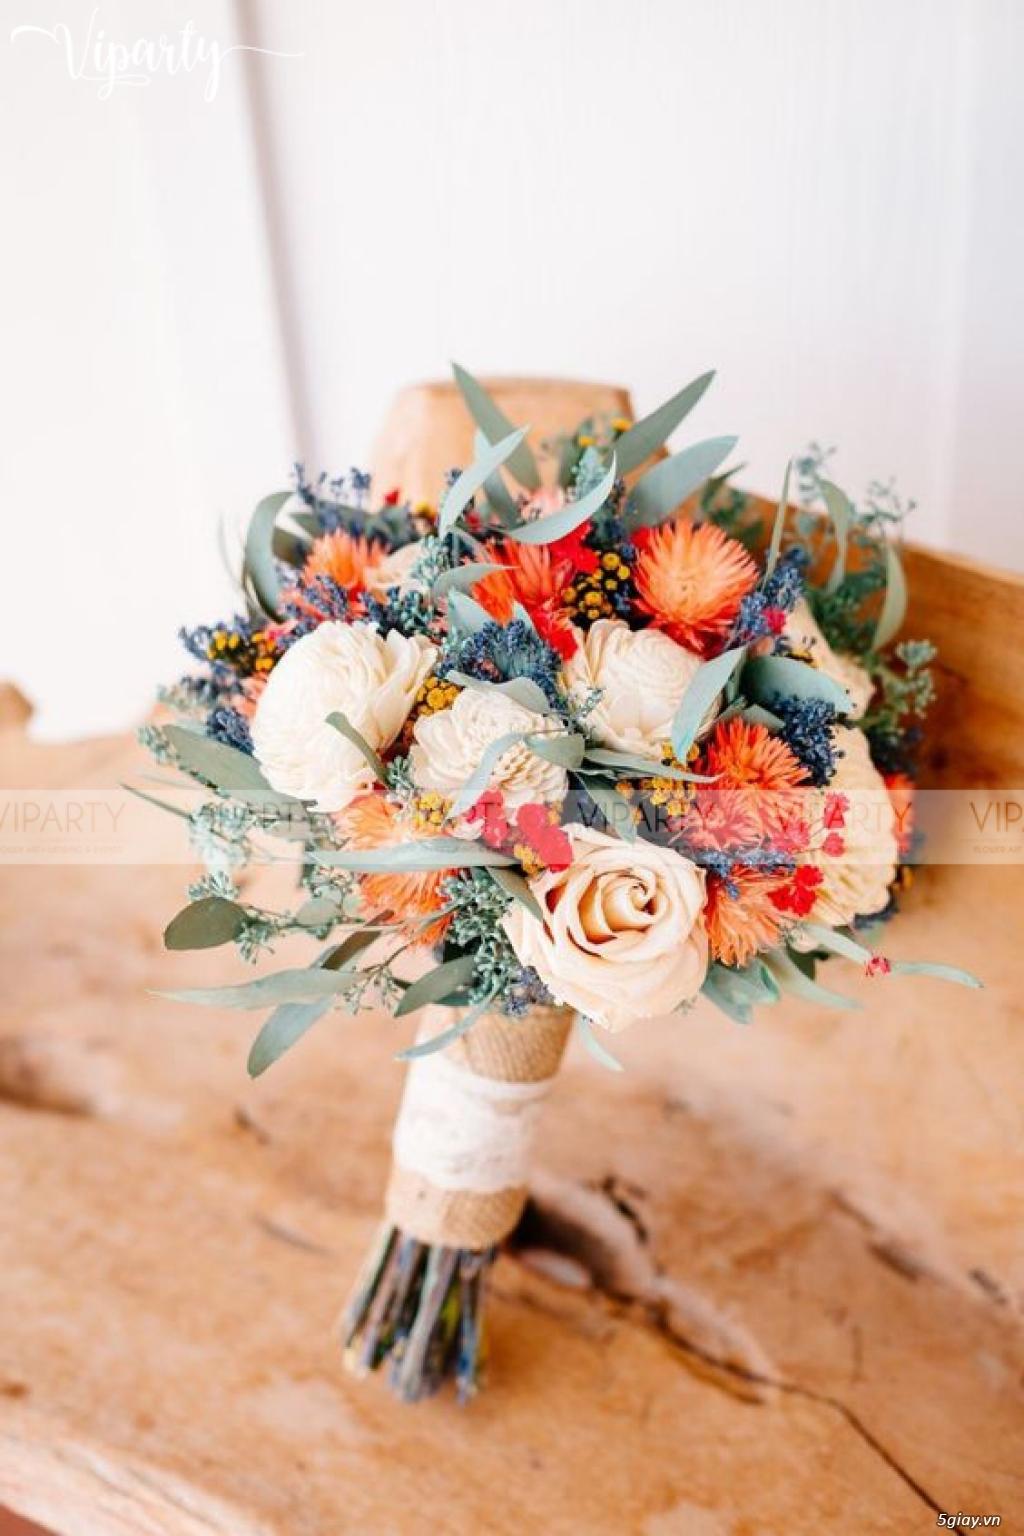 Chuyên cung cấp: Hoa cầm tay Cô Dâu & Hoa Sự Kiện : Wedding & Events - 32